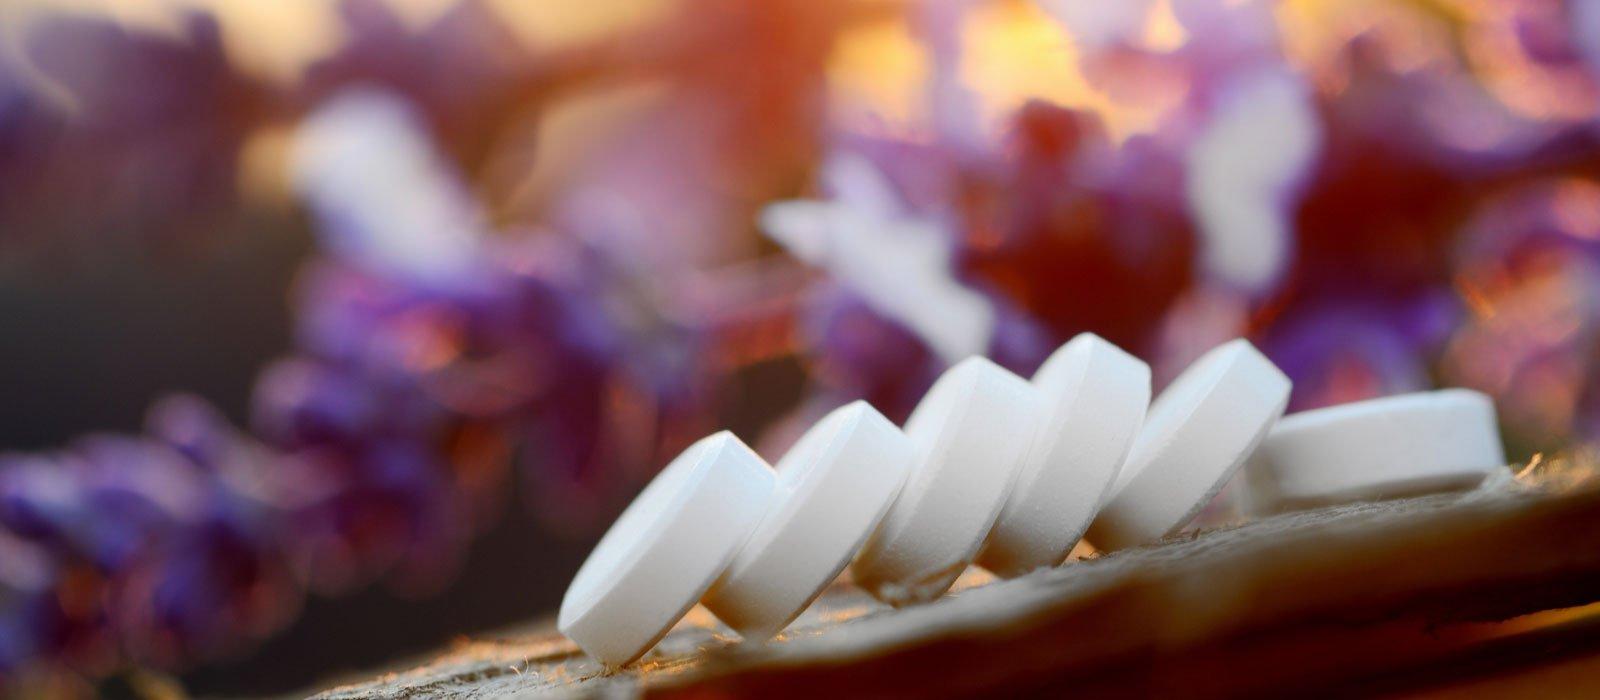 Symbolfoto zeigt Schüßler-Tabletten